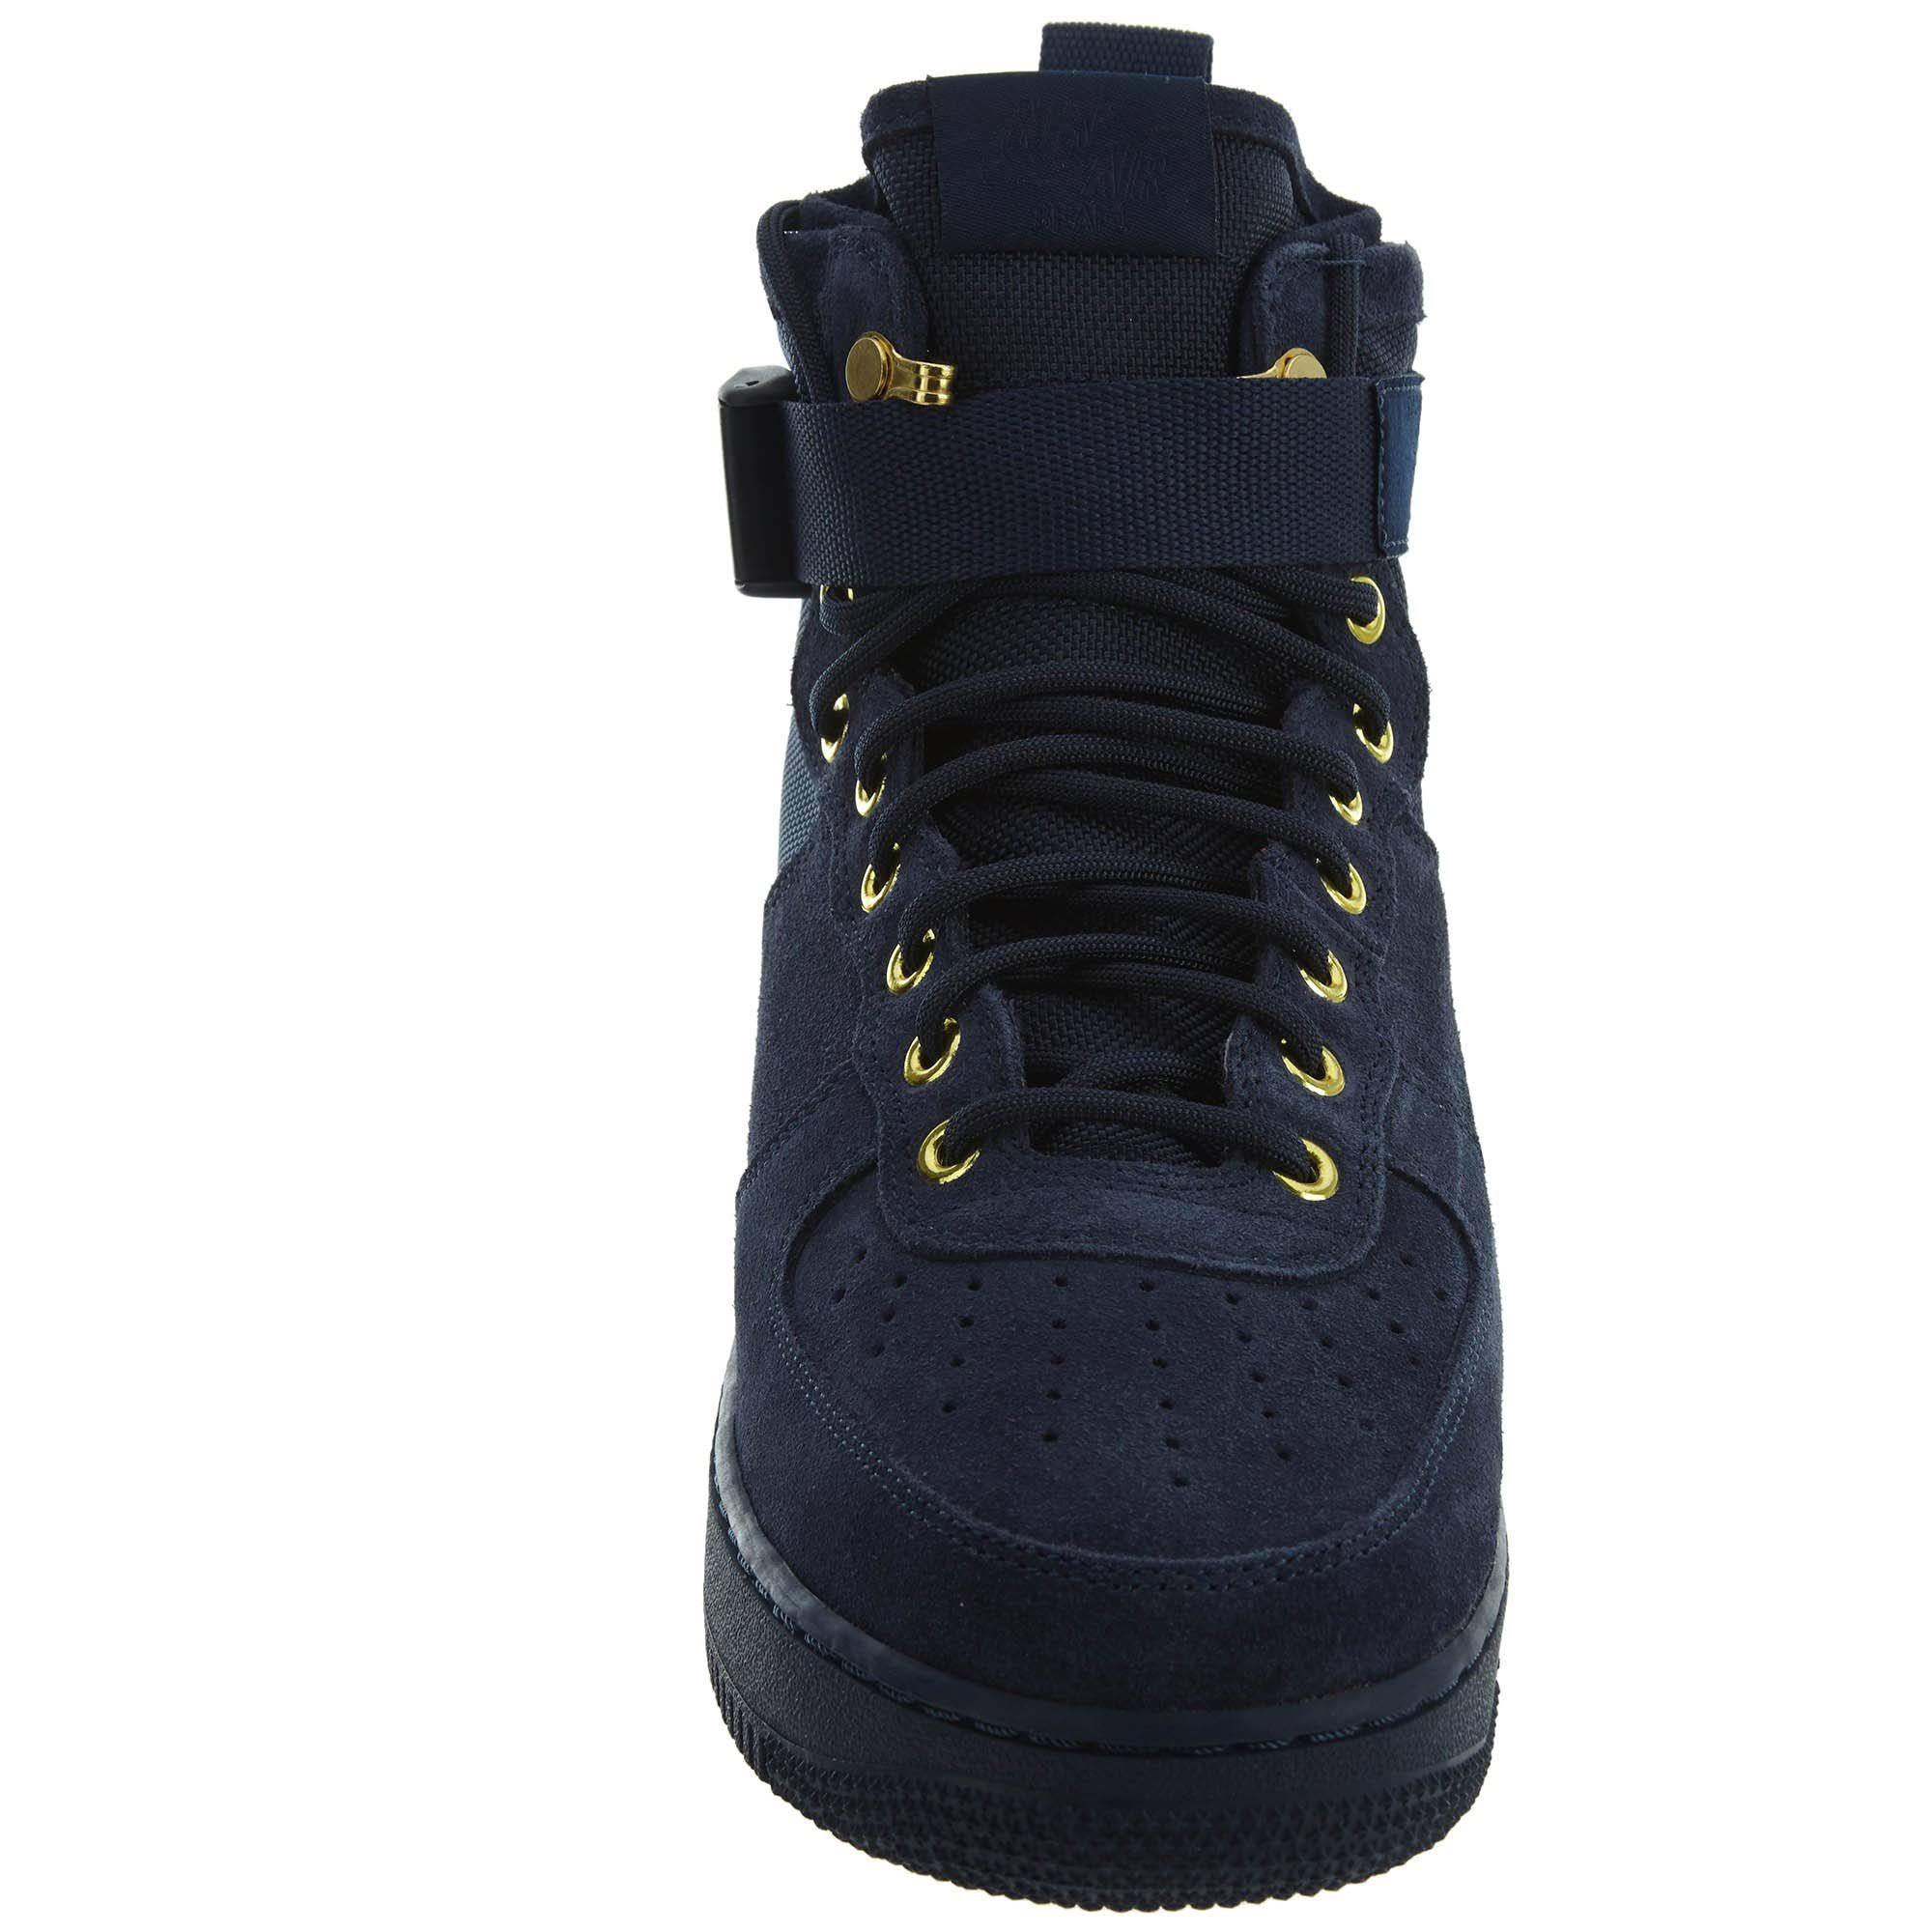 Hombre 917753 Para Af1 400 5 Sf Baloncesto De Nike Zapatillas 8 wnxgCqS0YX